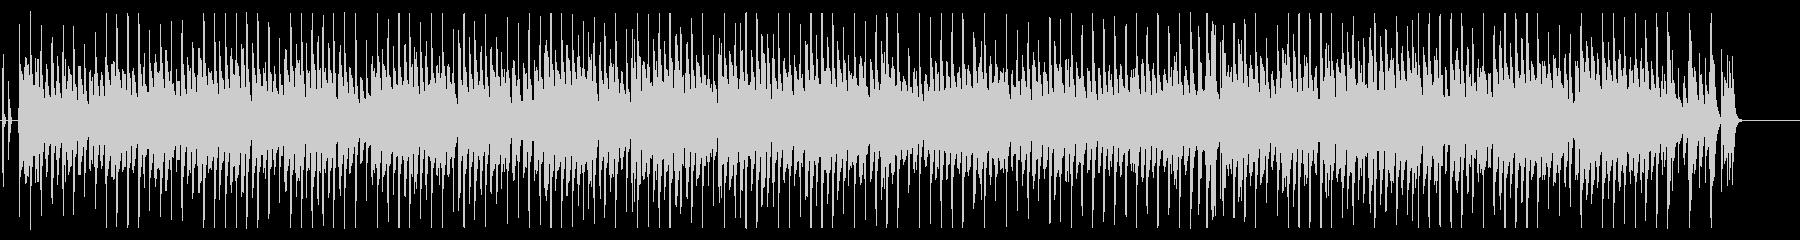 明るく元気・コミカルで可愛いリコーダー曲の未再生の波形